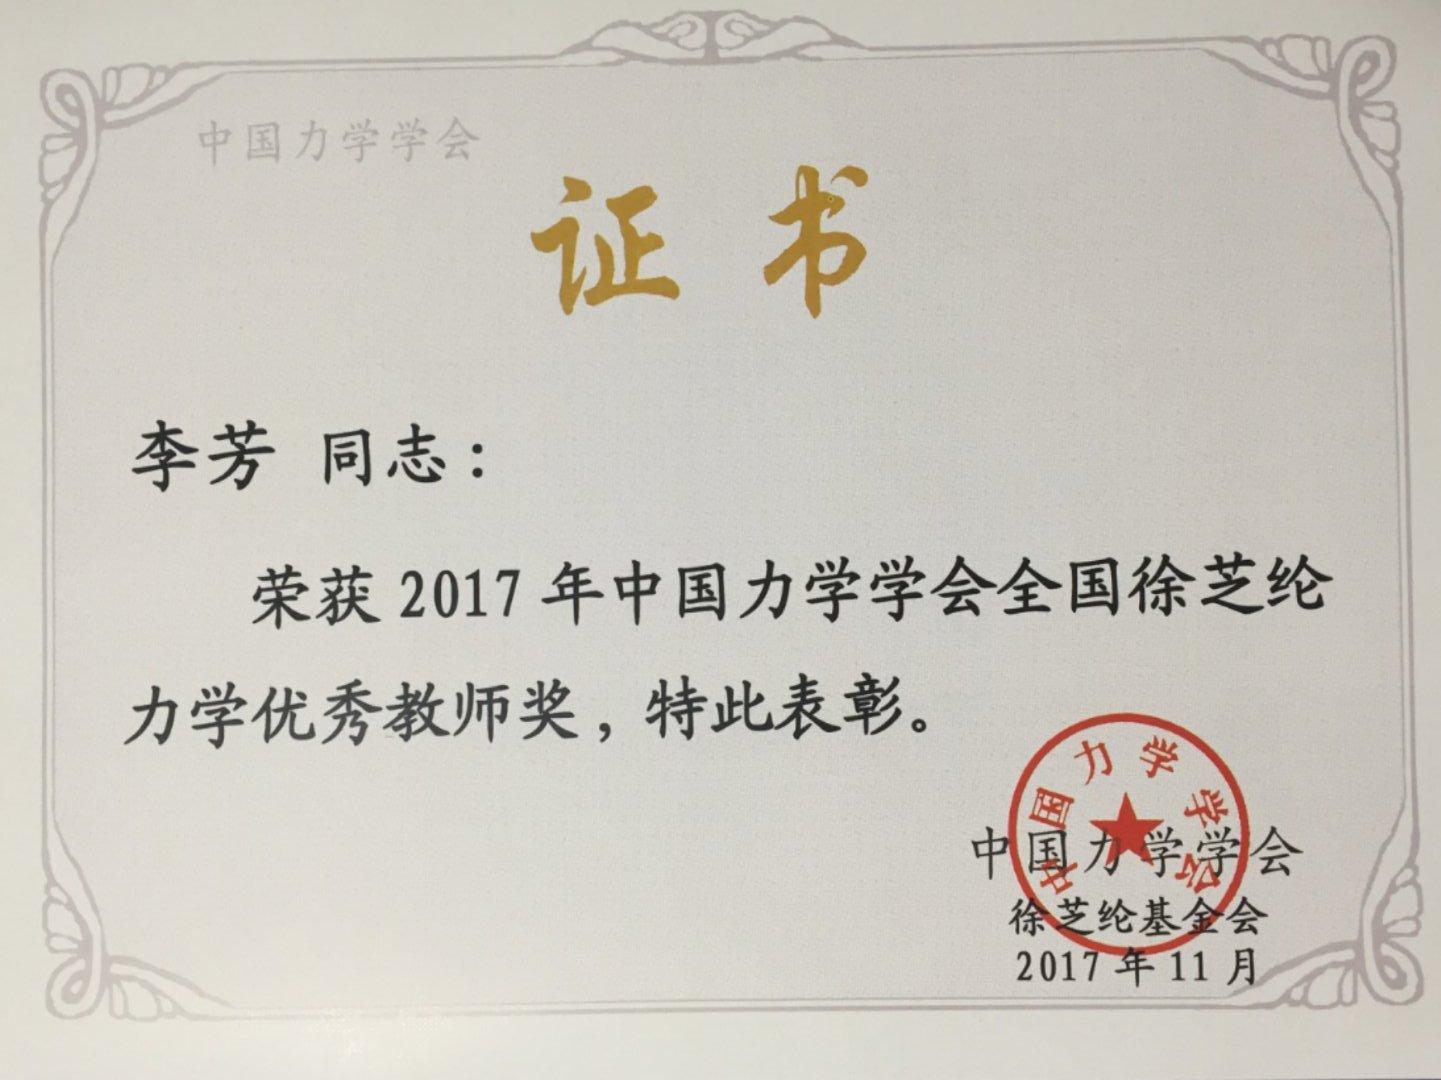 """李芳老师荣获2017中国力学学会""""徐芝纶力学优秀教师奖"""""""